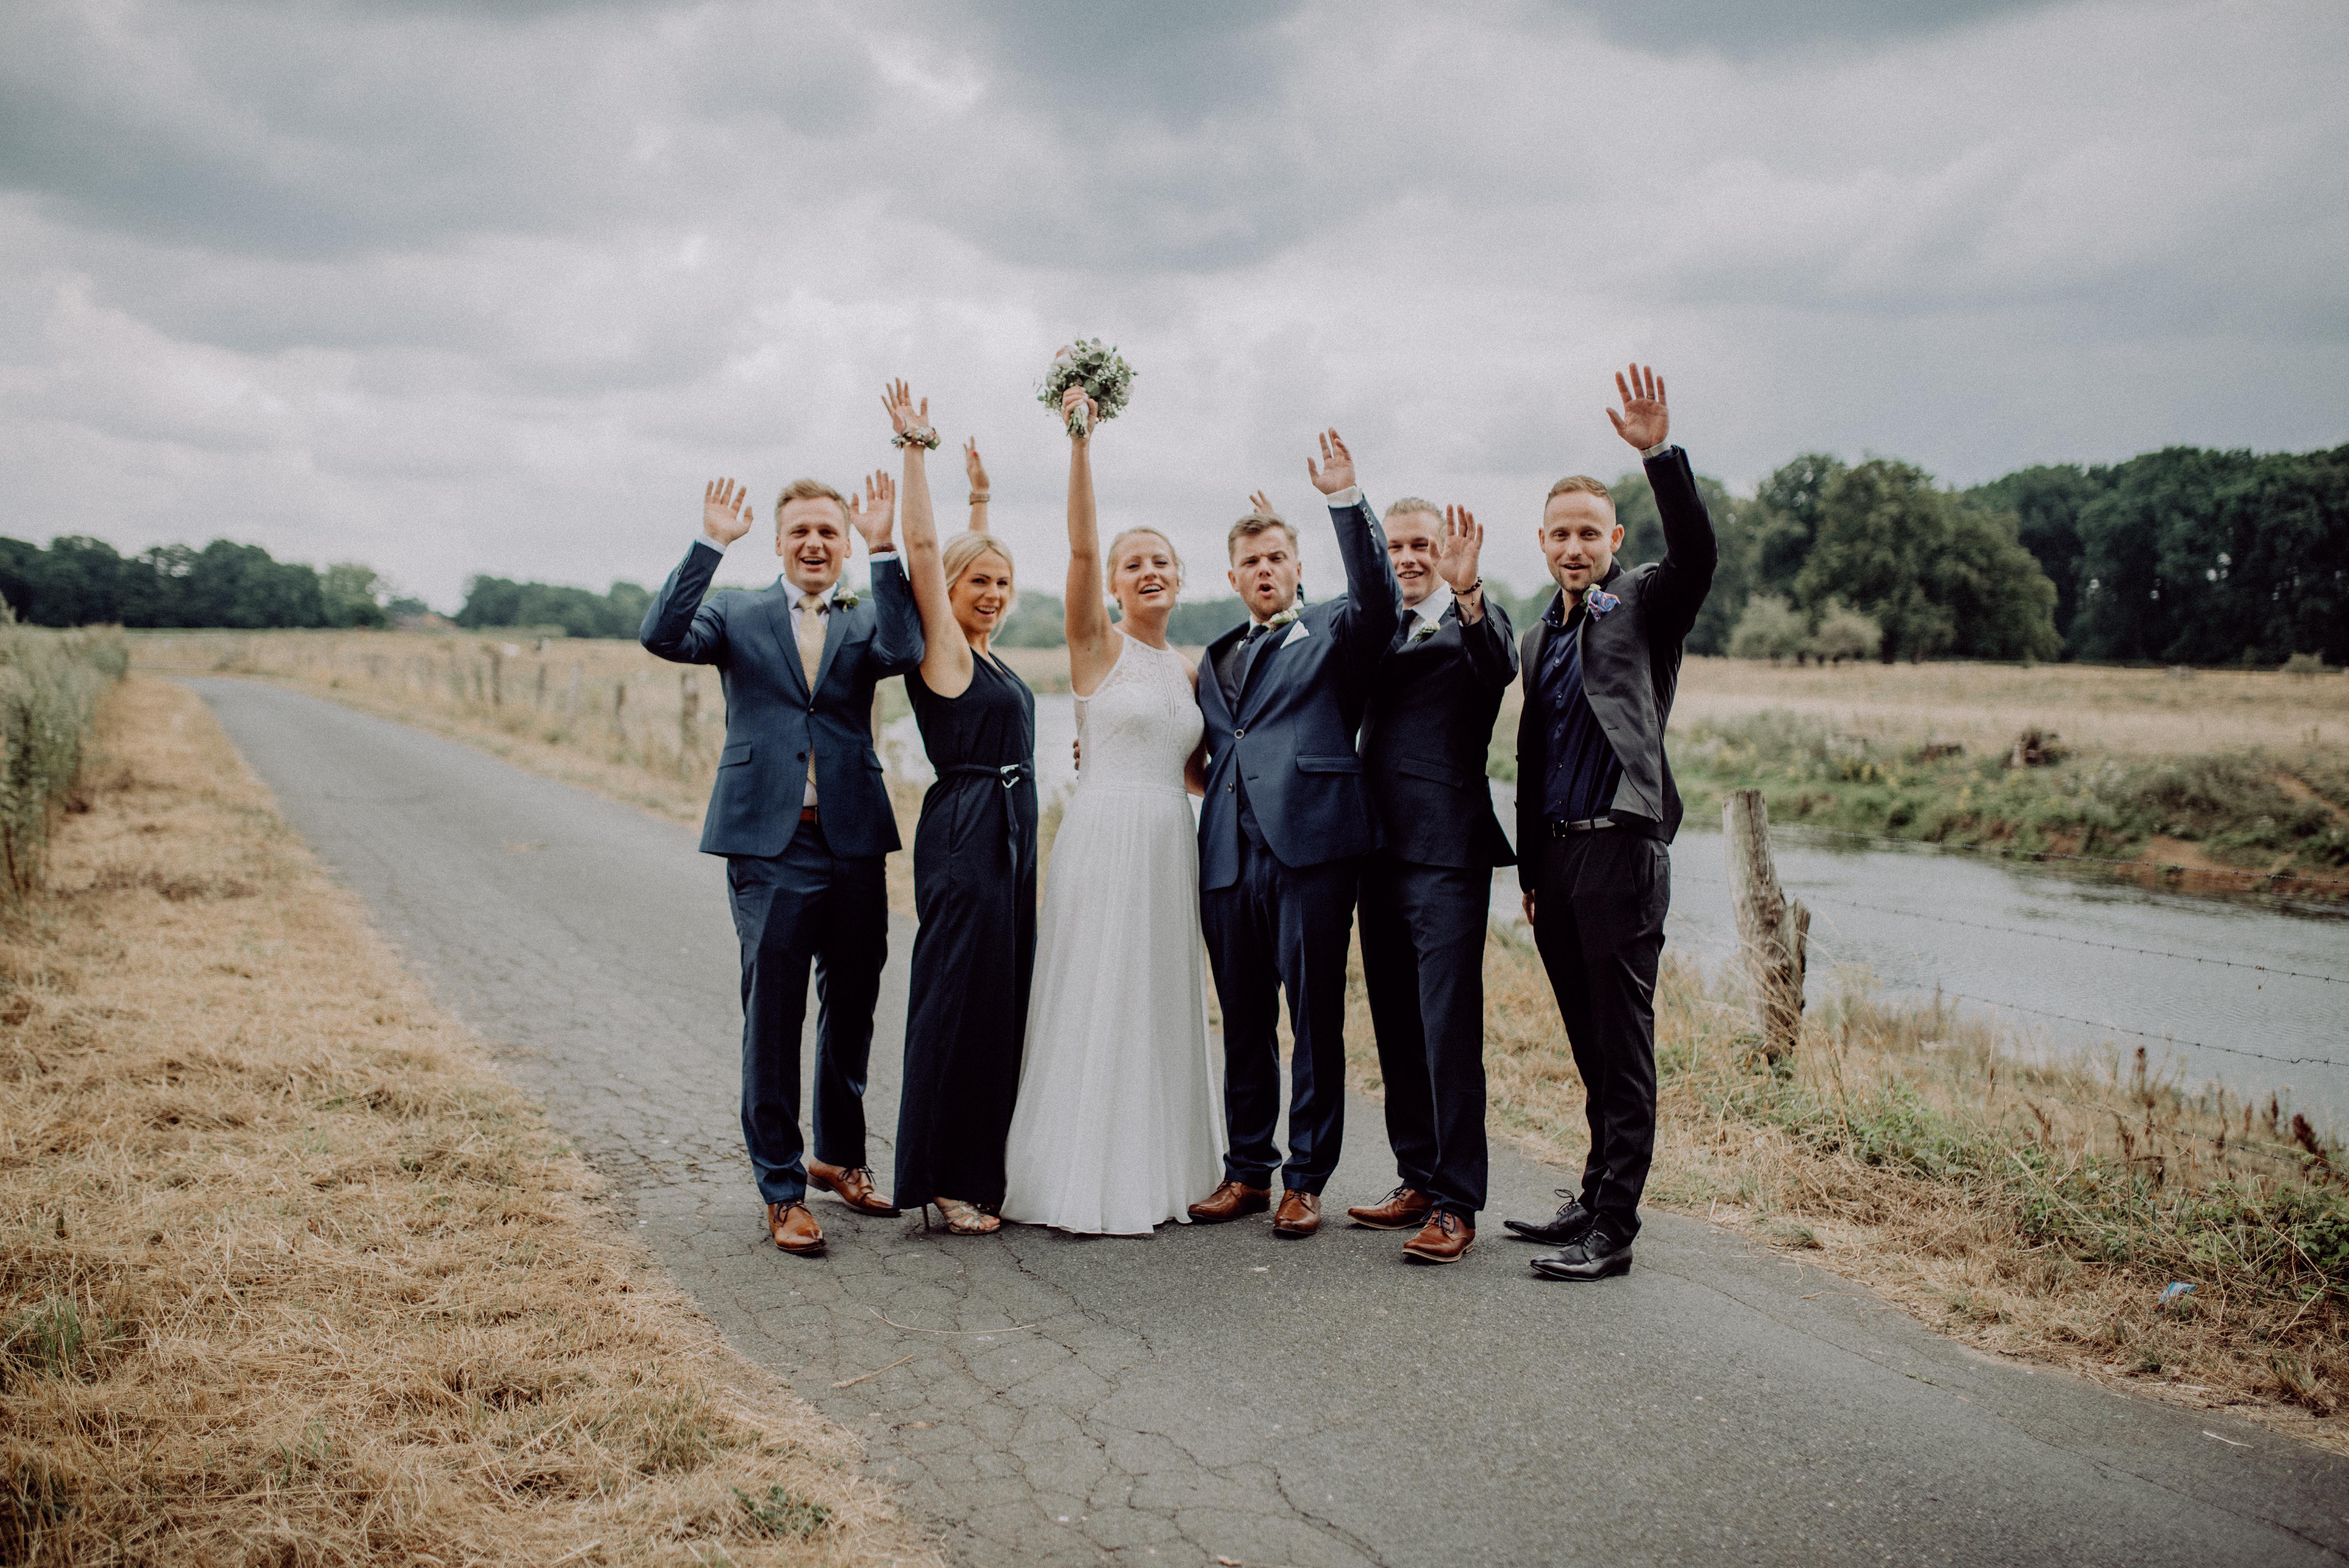 HochzeitWerner020819 (197 von 1113)